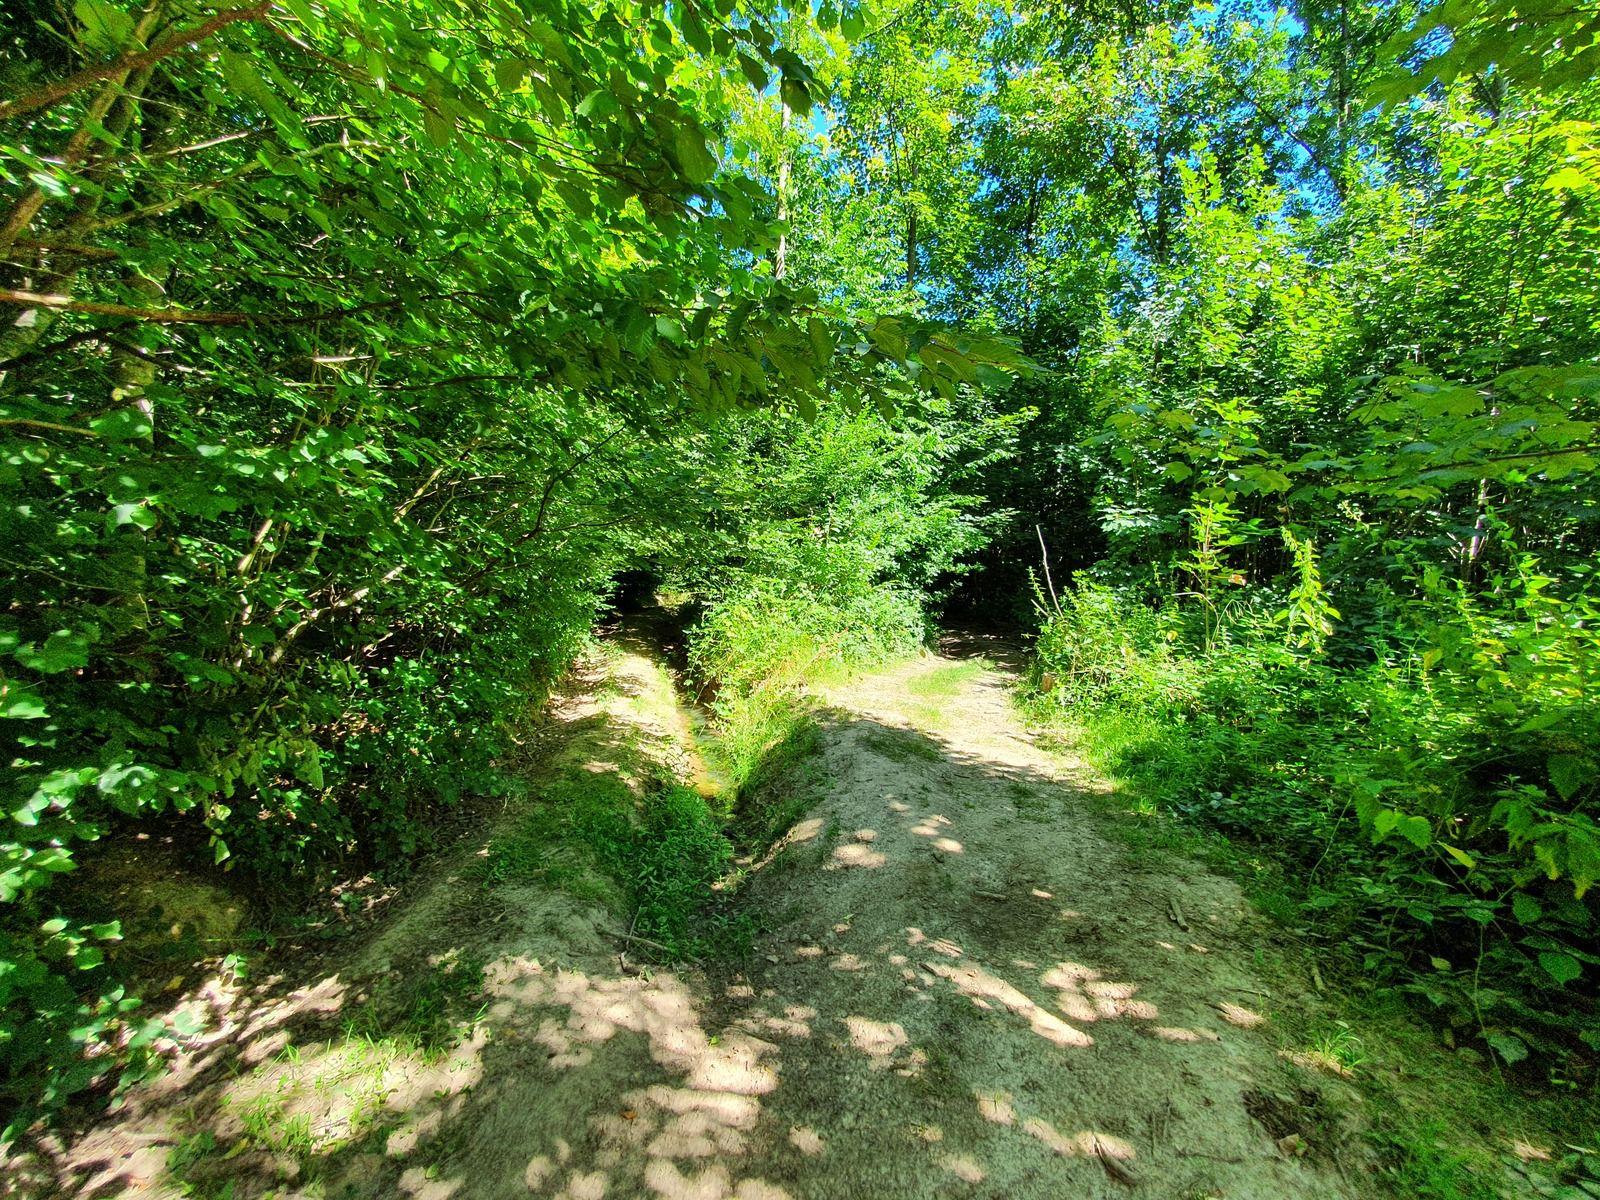 05 août 2020 - Sus-Saint-Léger et la forêt de Lucheux